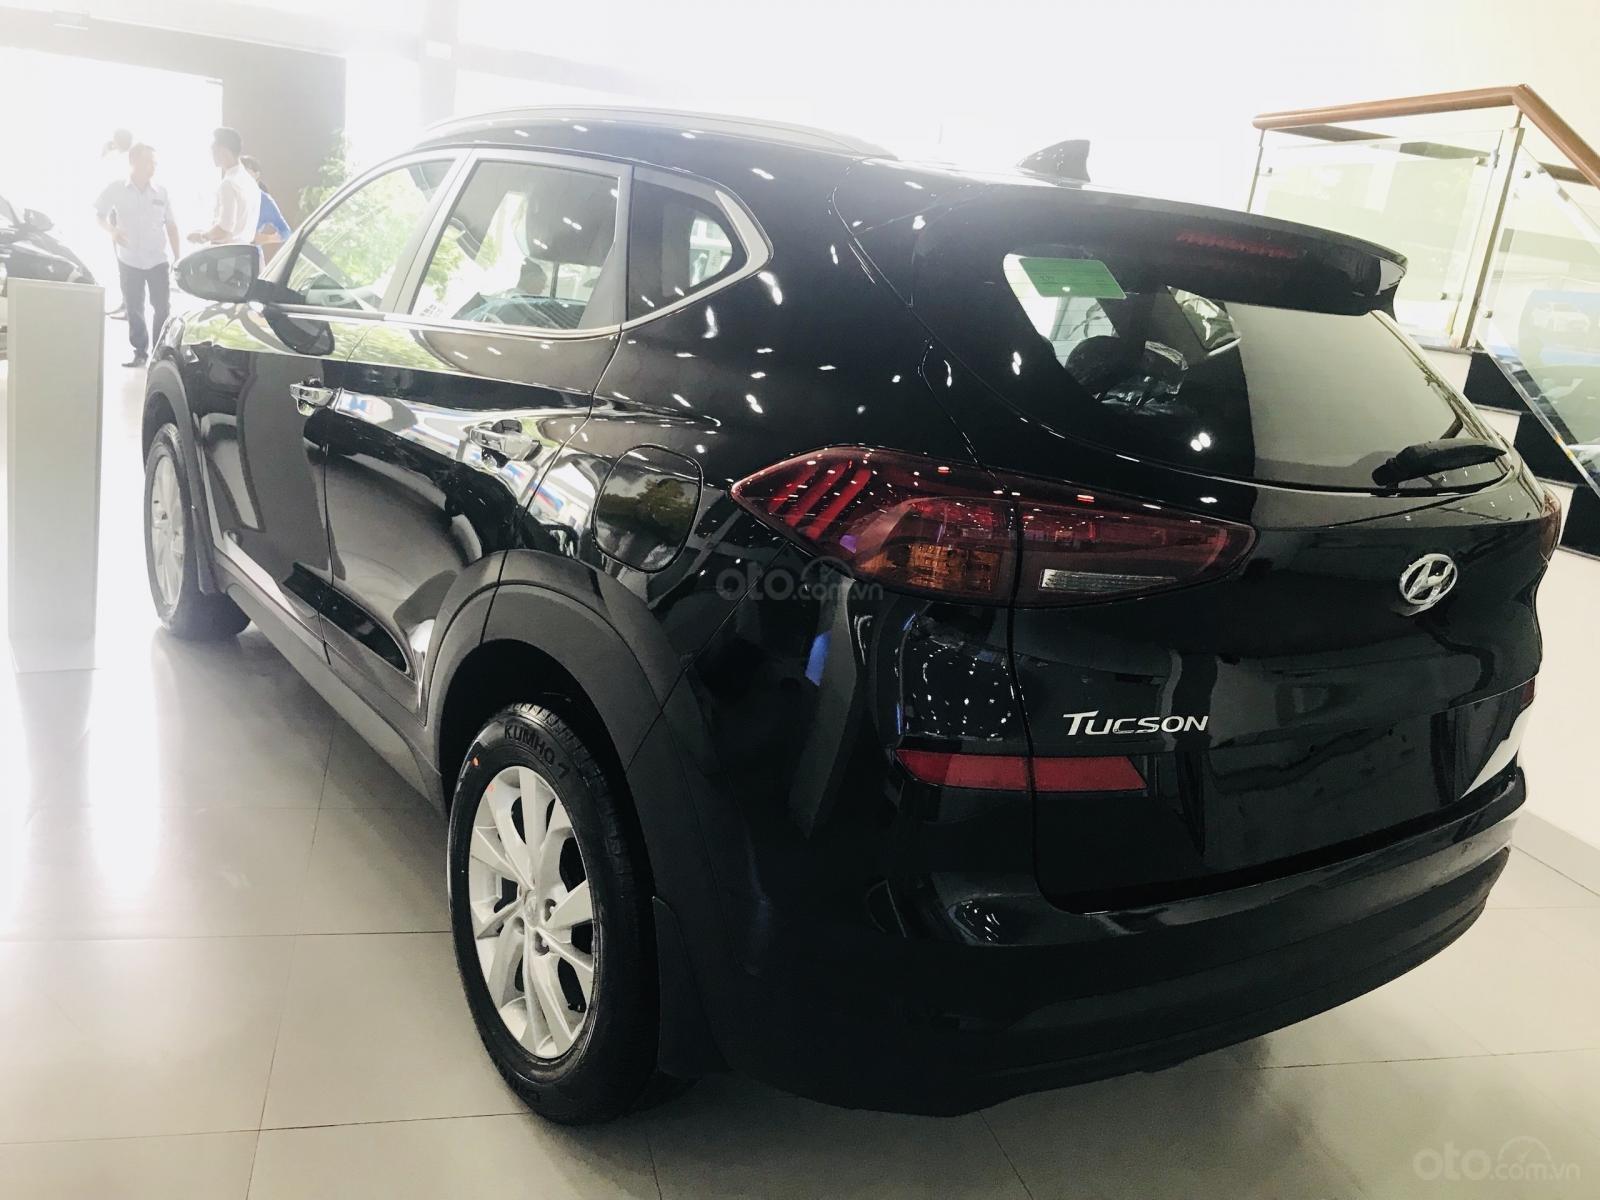 Giao xe ngay, tiết kiệm chỉ với 799 triệu với Hyundai Tucson 2019, hotline: 0974 064 605 (3)